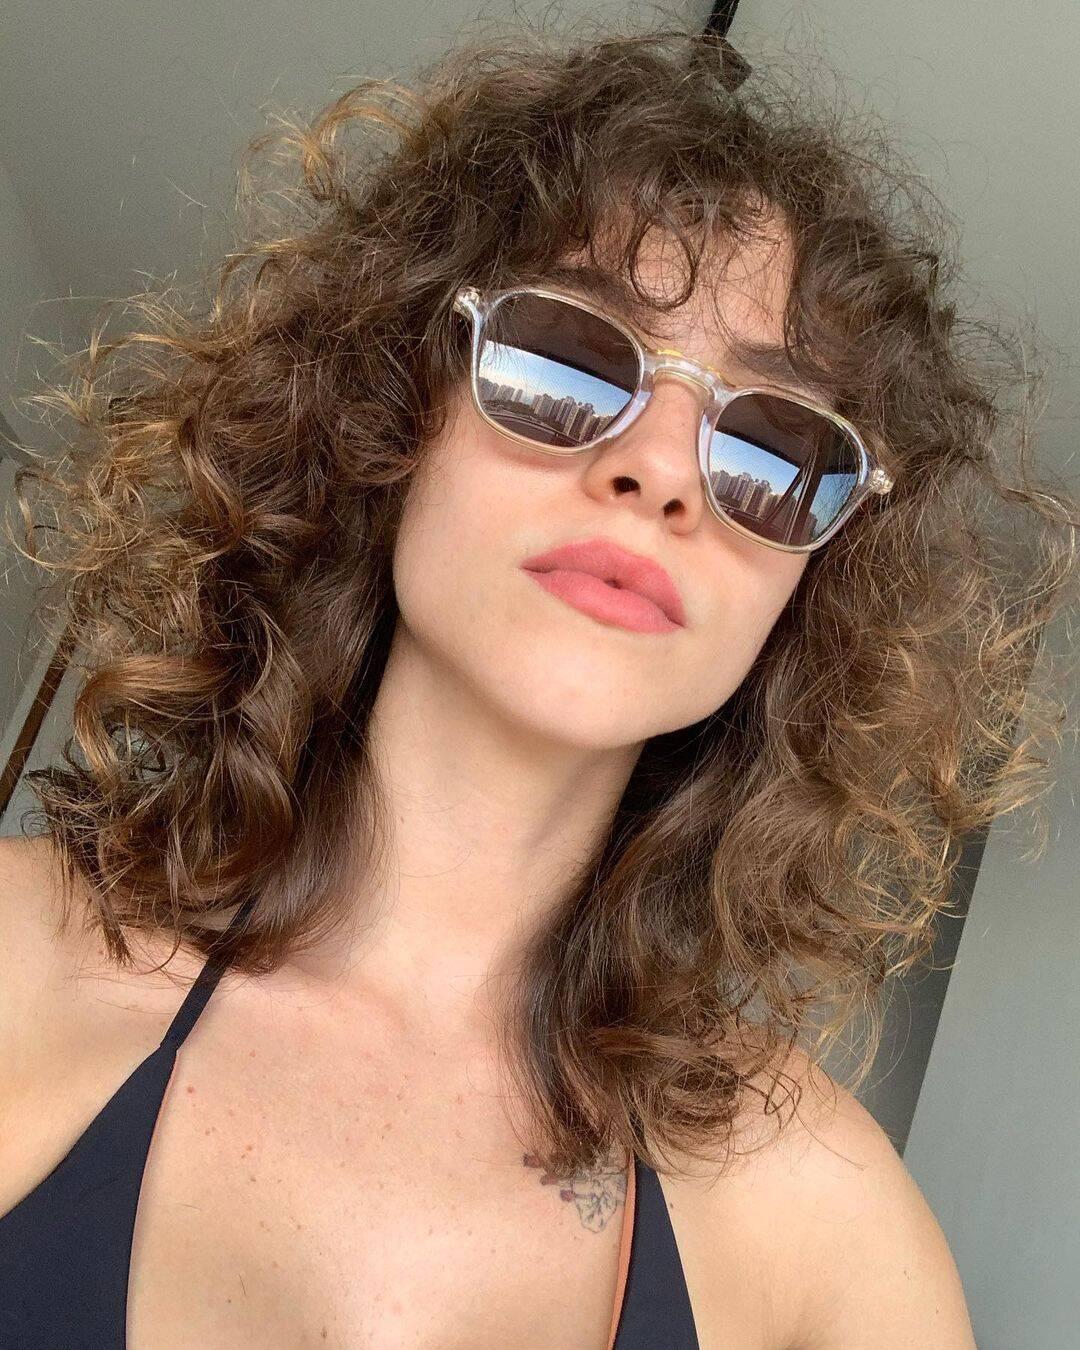 """A atriz resolveu deixar as químicas quando ainda estava no ar em """"O Sétimo Guardião"""", pois sua personagem não exigia tanta vaidade e ela poderia seguir com o processo sem se preocupar. (Foto: Instagram)"""